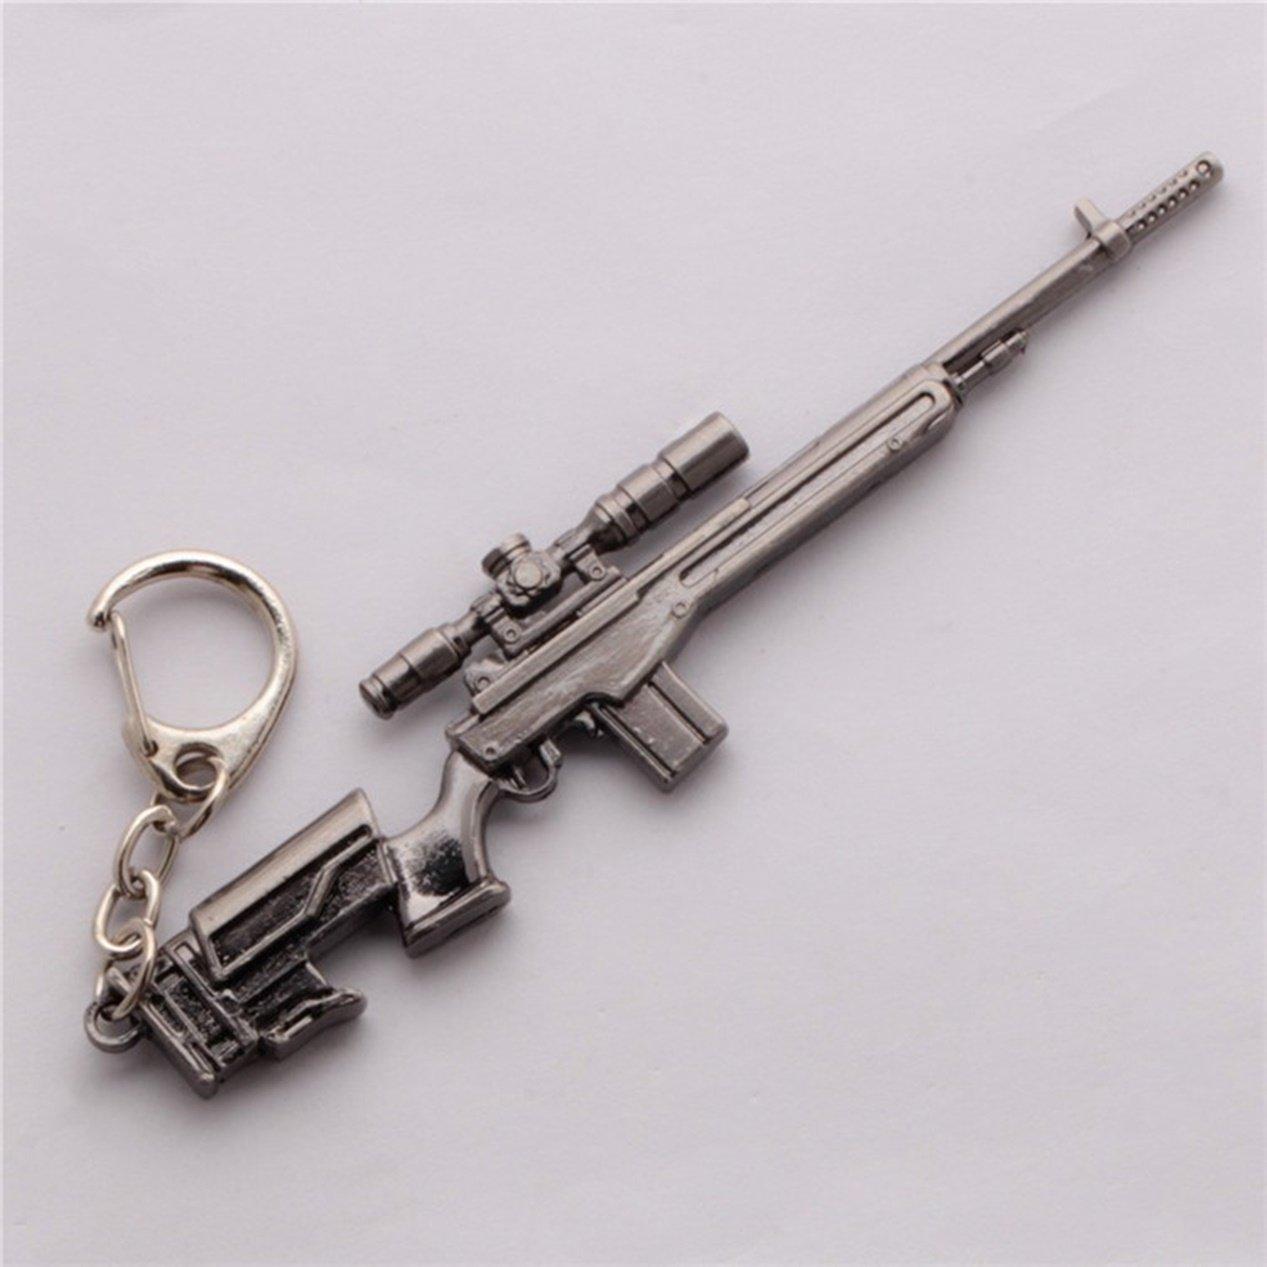 Amazon.com: 1 pc Mini bolsillo Eagle armas llavero pistola ...